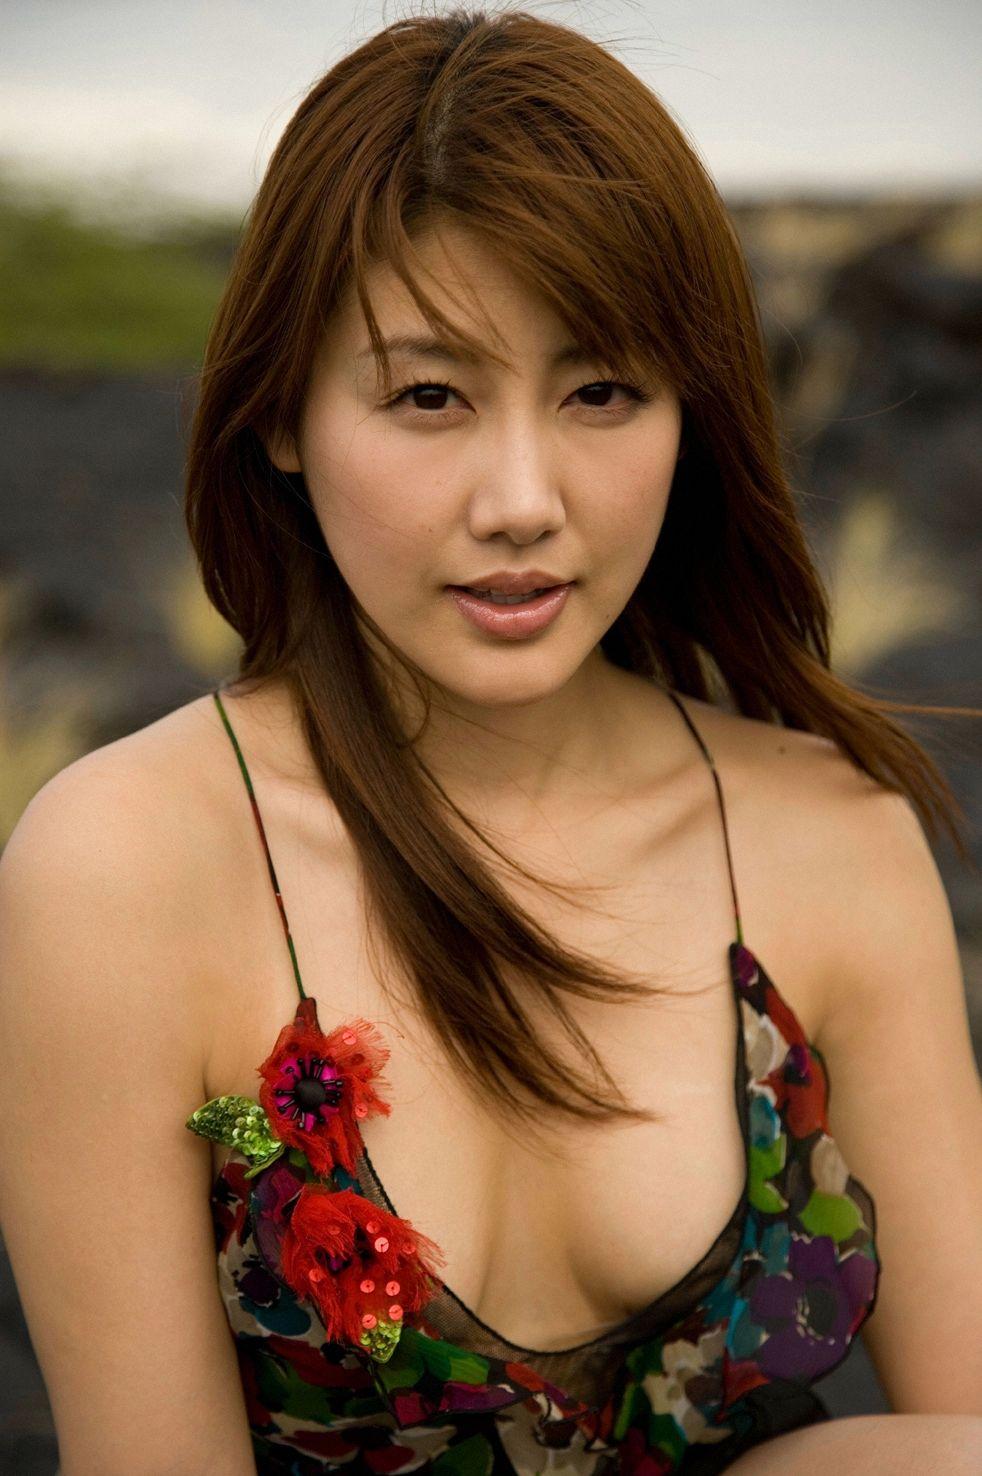 安めぐみ セクシー 胸チラ おっぱいの谷間 巨乳 顔アップ 唇 パイ射用 エロかわいい画像73